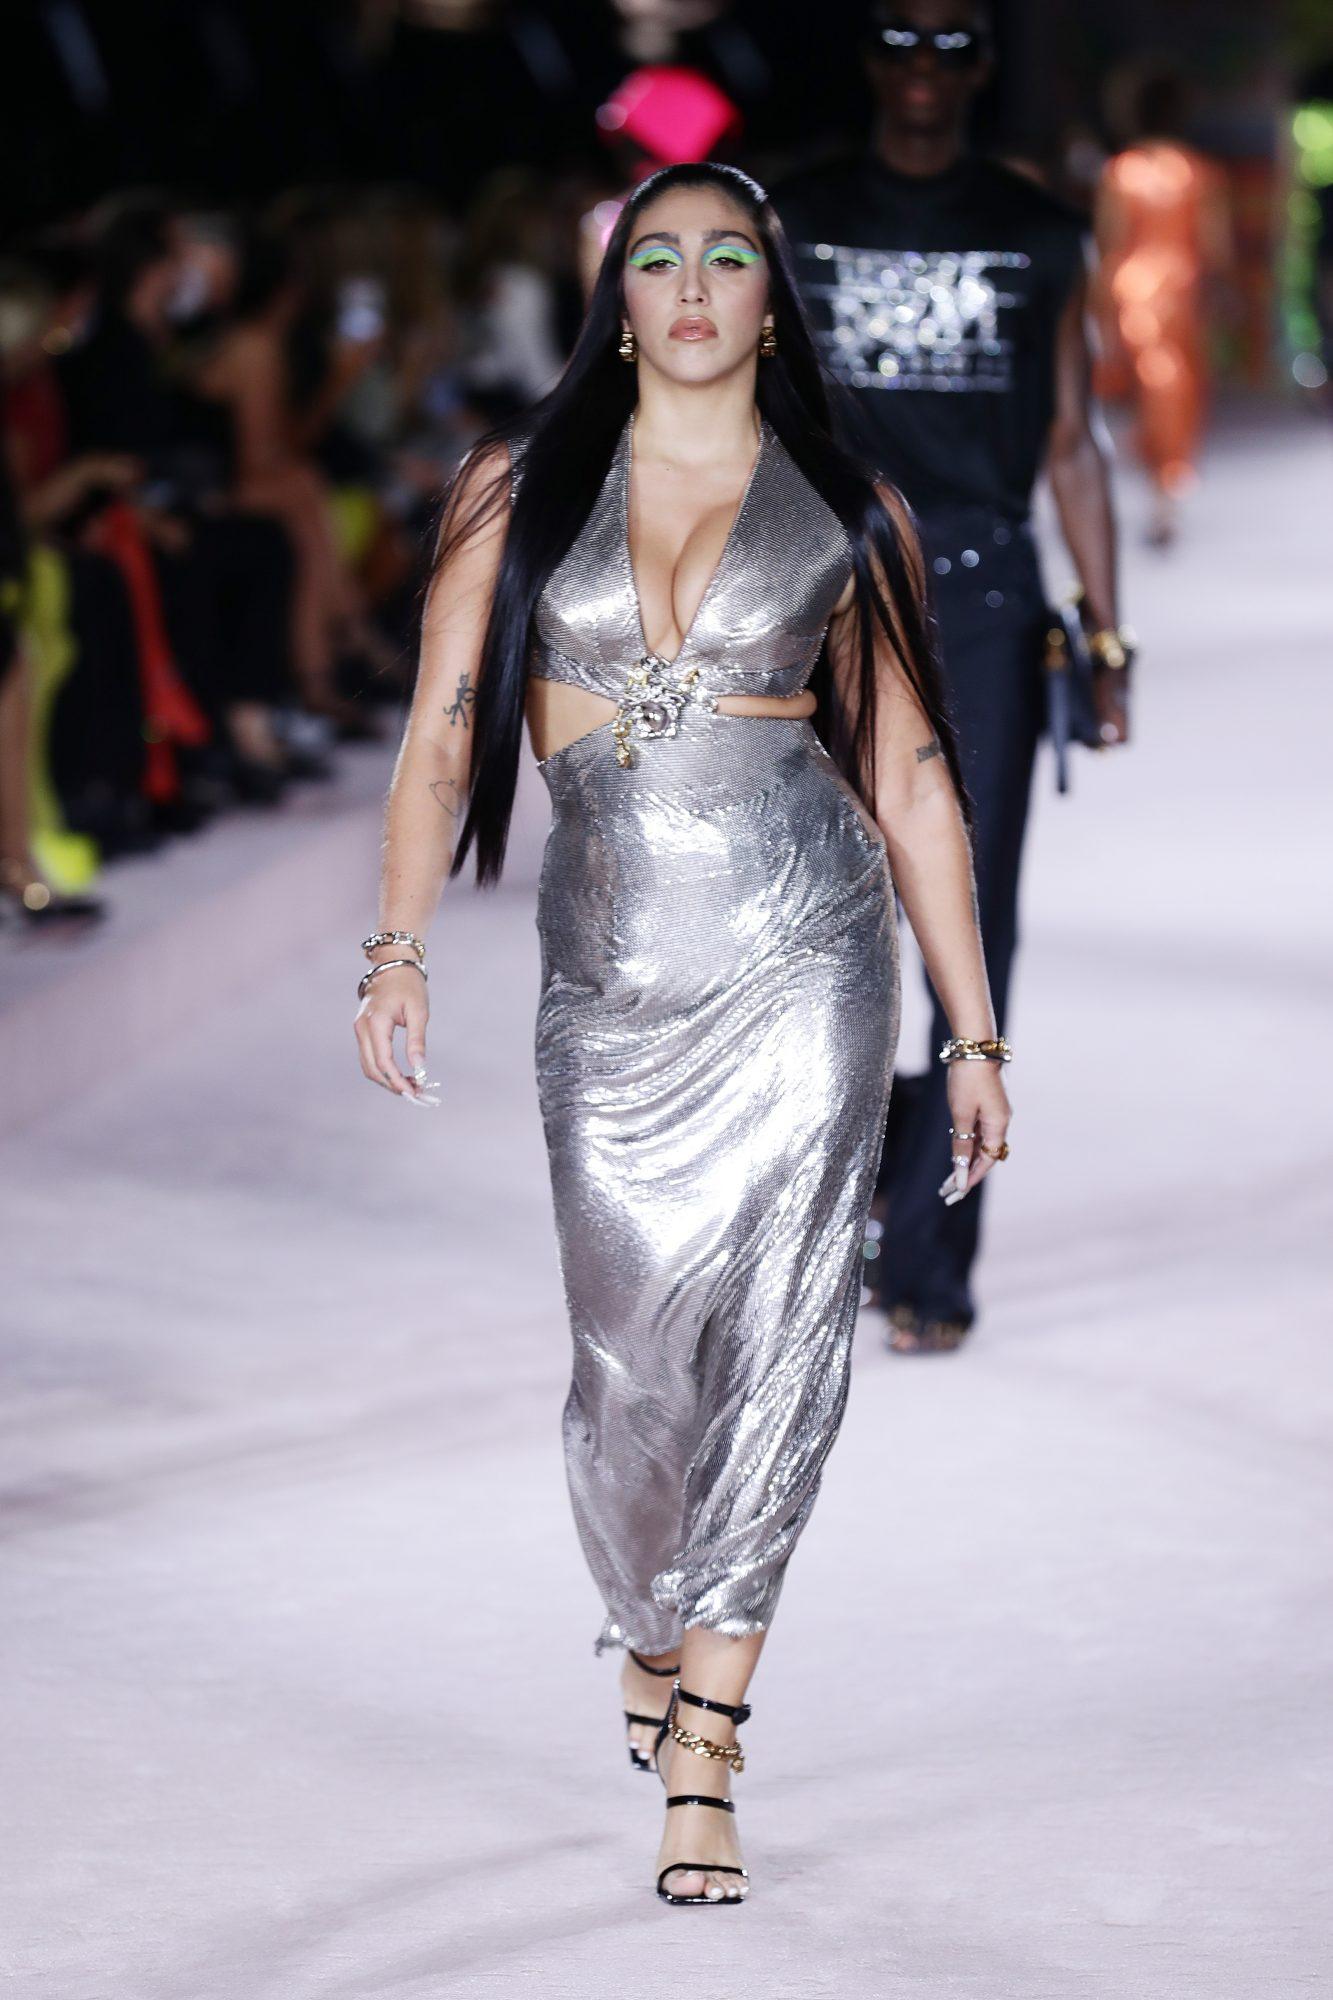 Lourdes León triunfa en la moda